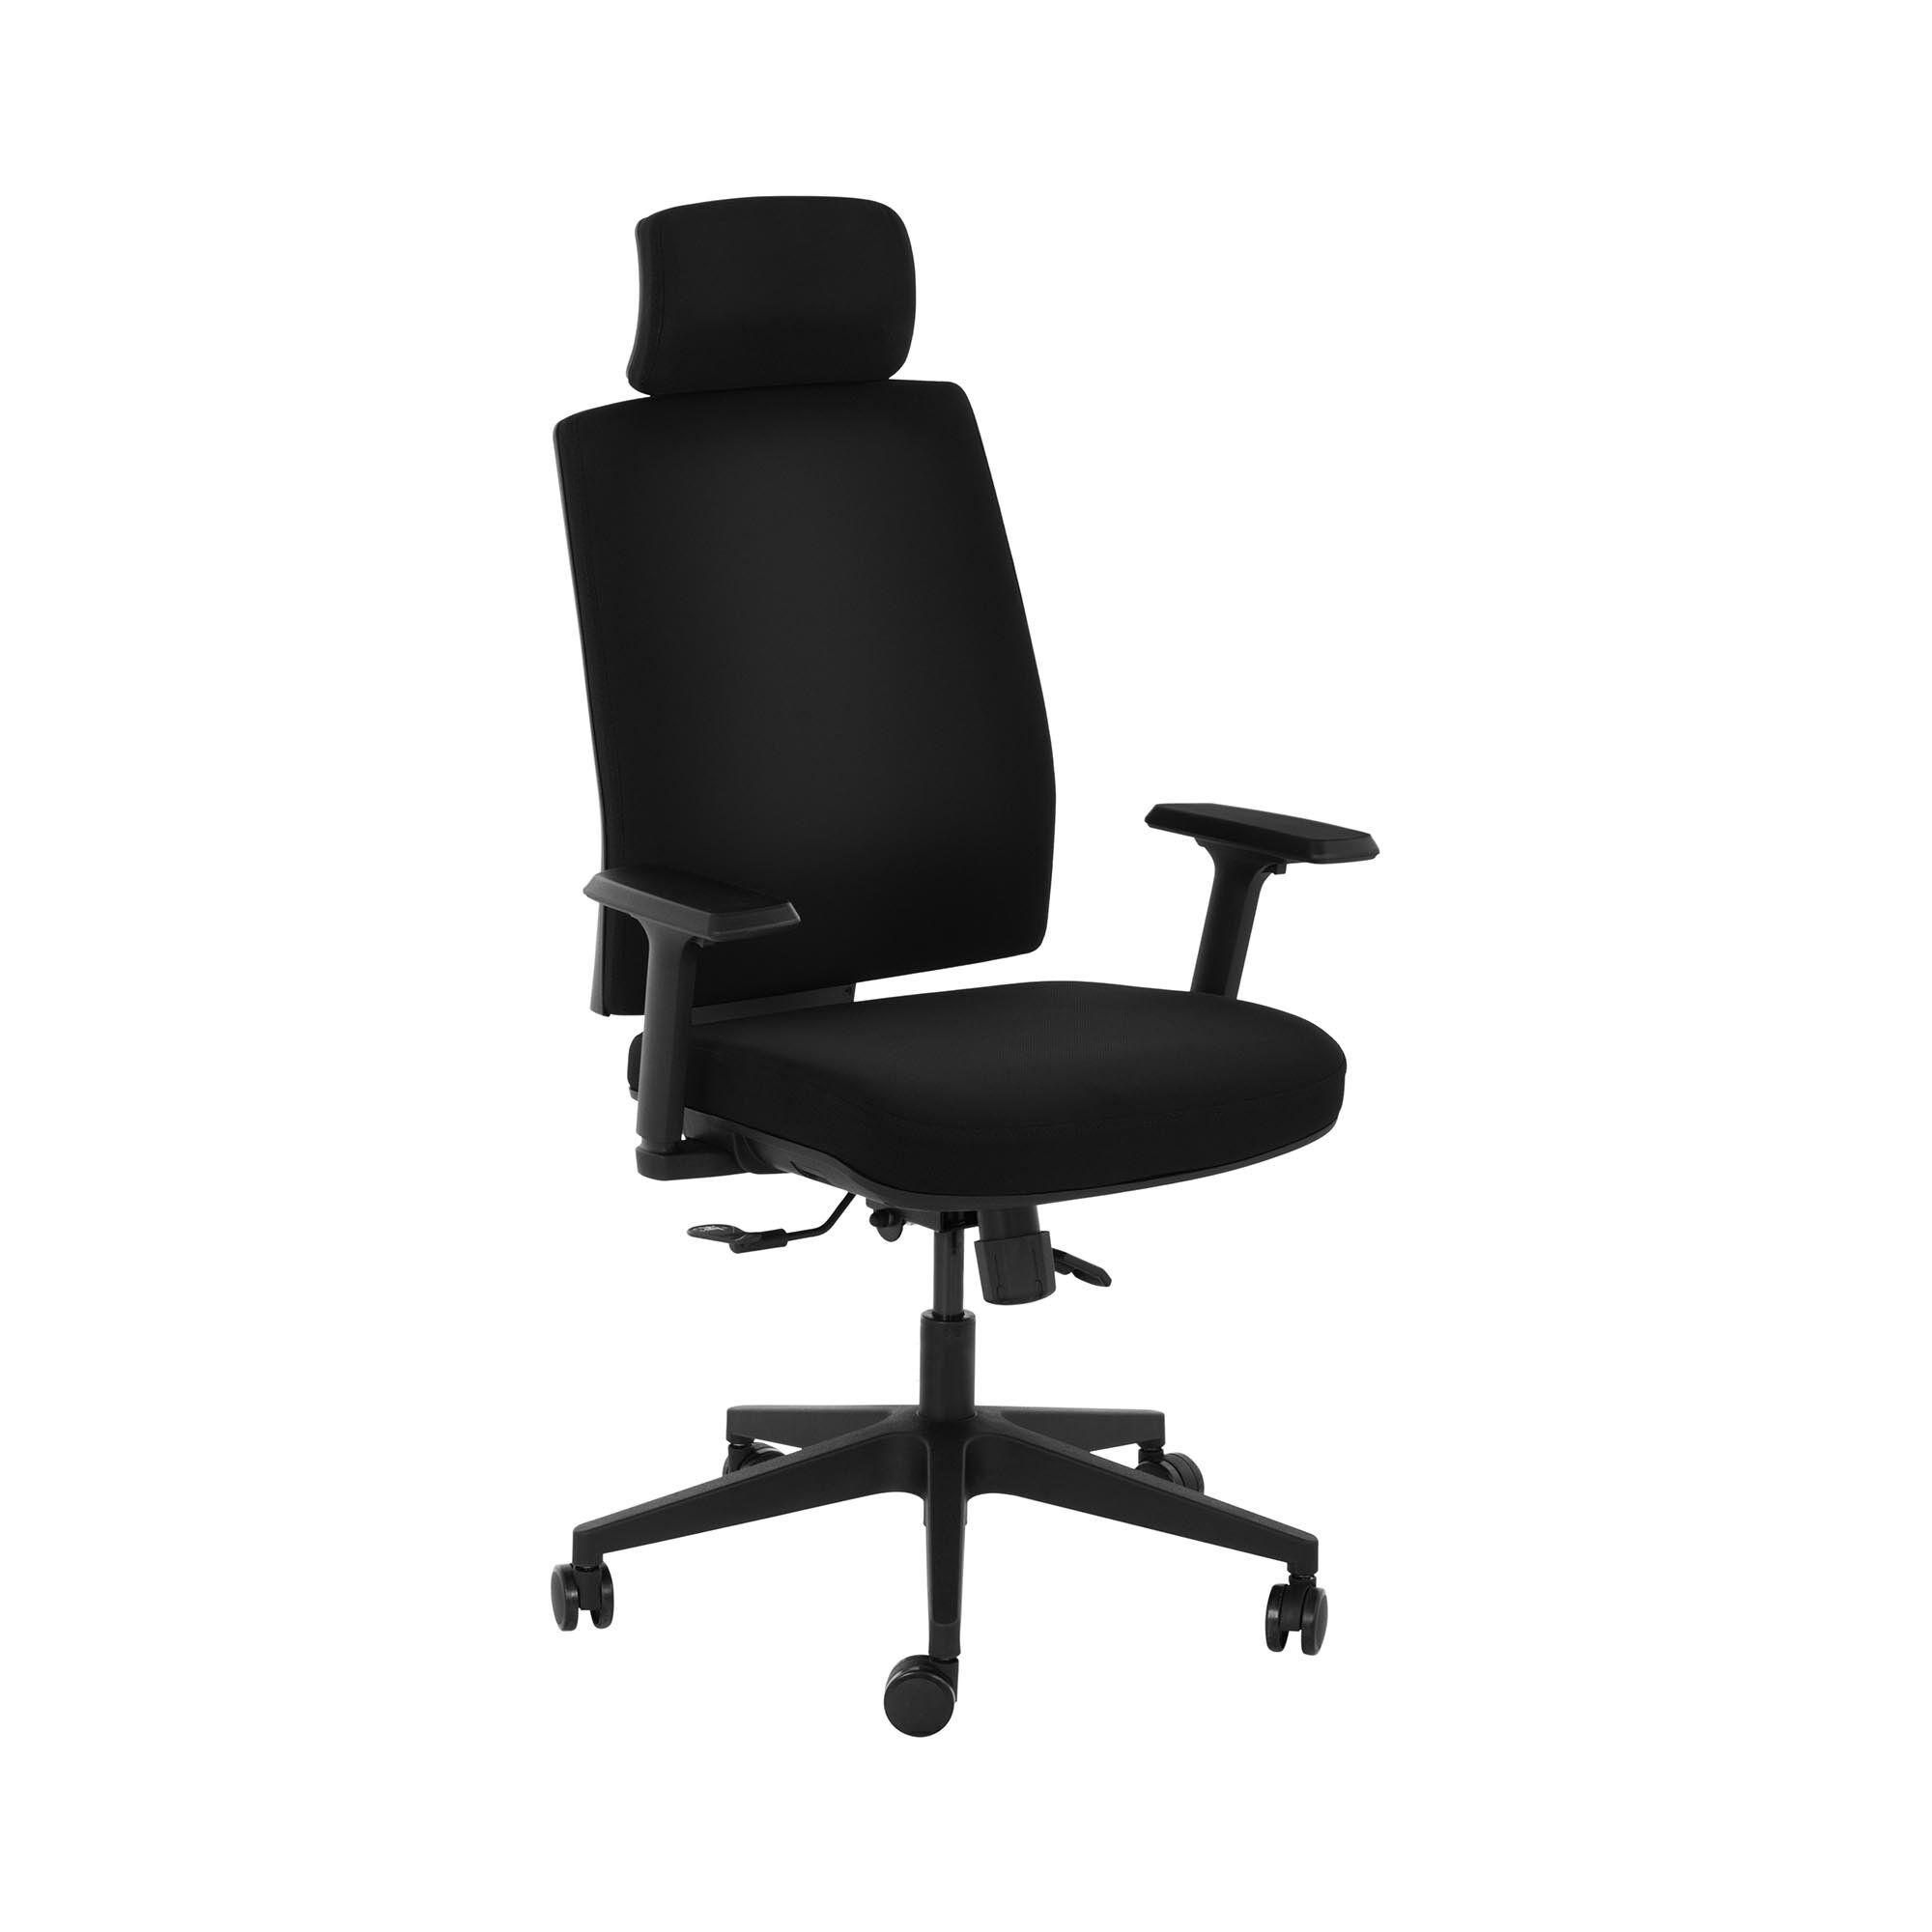 Fromm & Starck Sedia ufficio - Poltrona girevole - Con poggiatesta - 200 kg STAR_SEAT_19